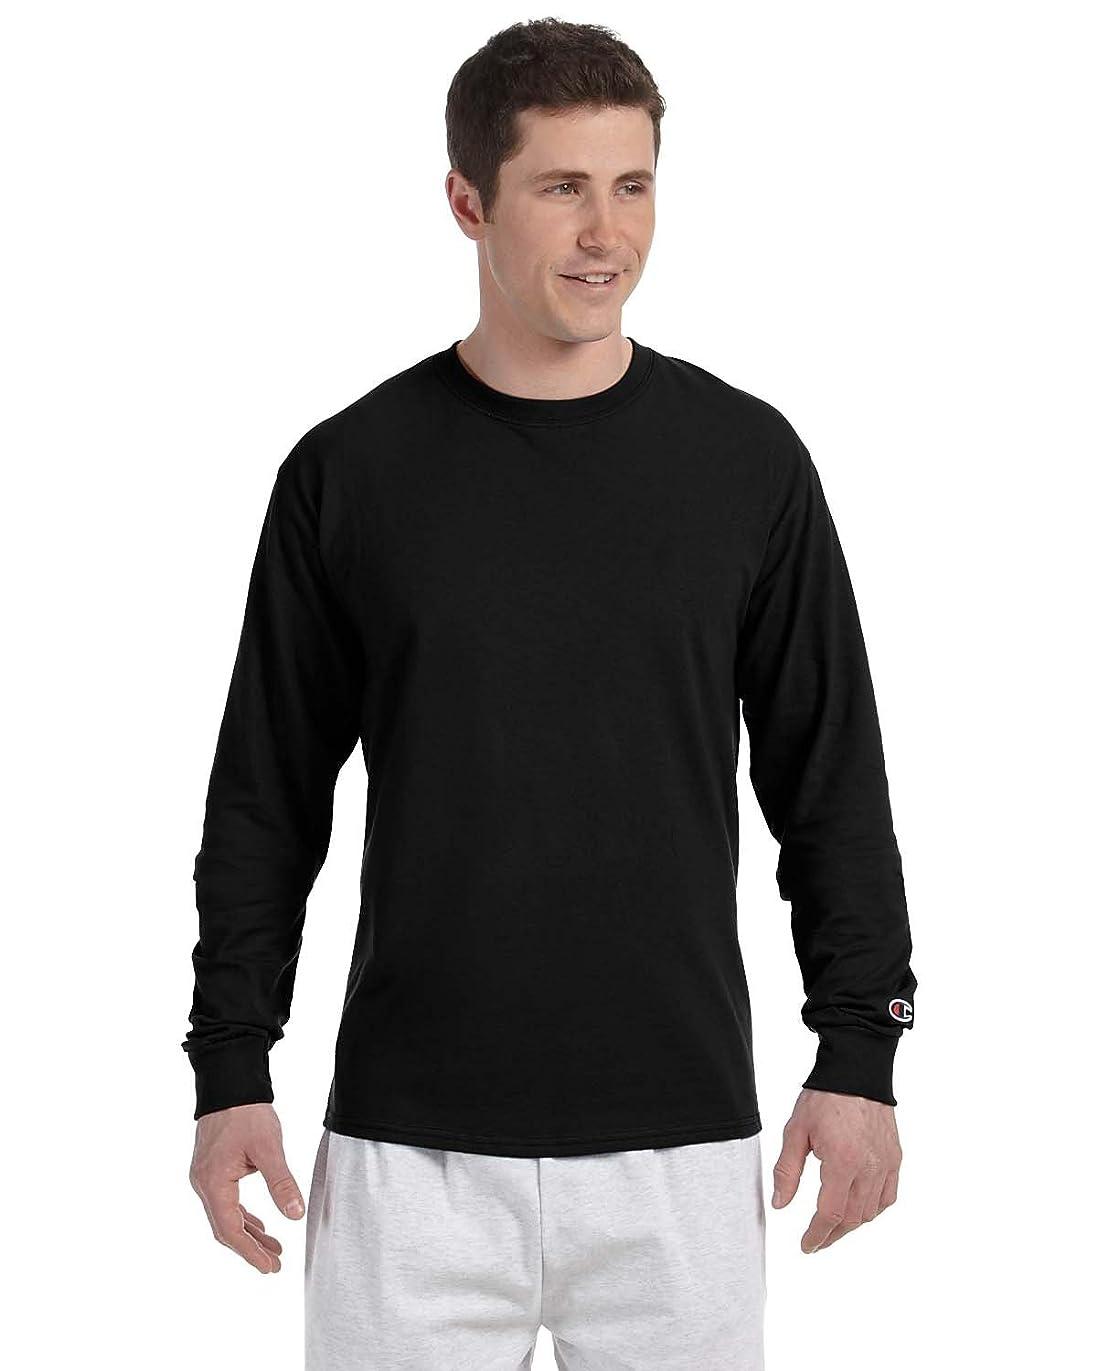 平和な前書きチャーターChampion SHIRT メンズ US サイズ: Medium カラー: ブラック